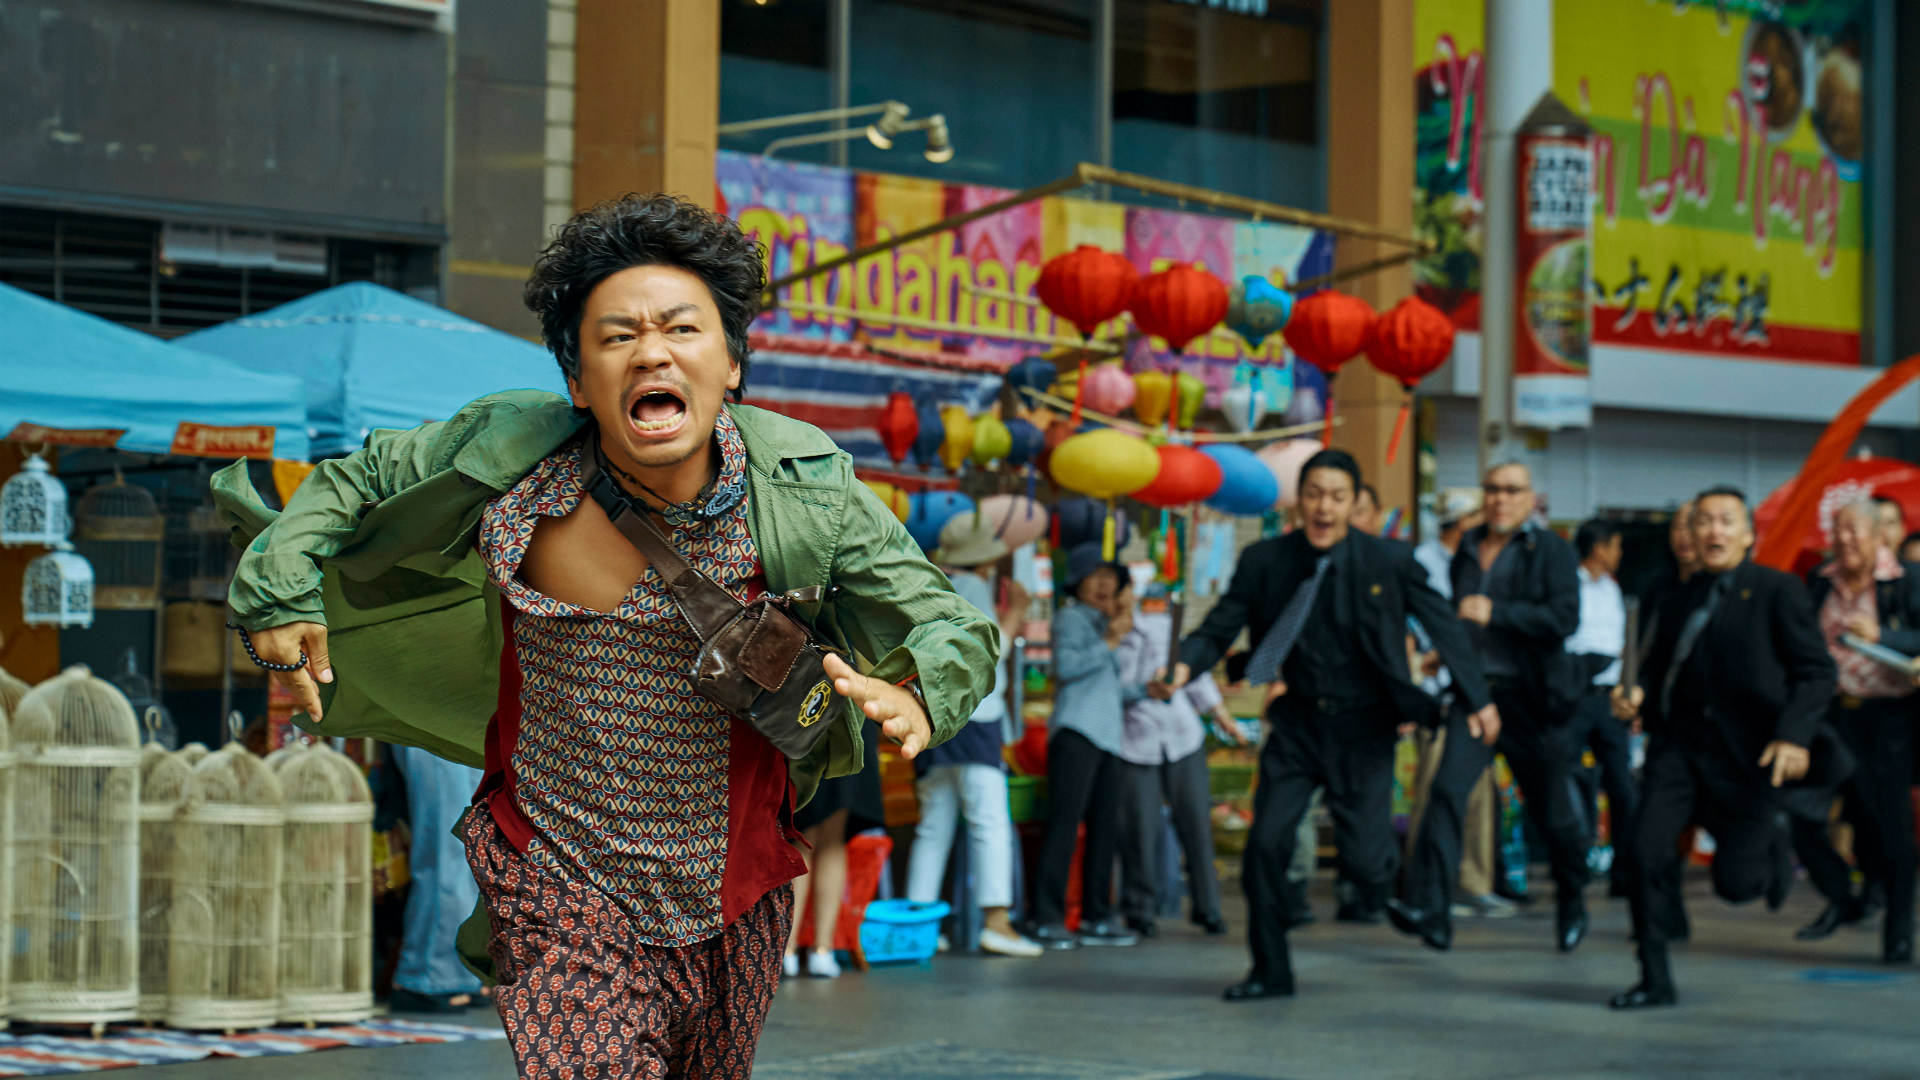 Что происходит в прокате: В Китае новый рекорд, в Нью-Йорке открывают кинотеатры, в России лидирует «Конек-горбунок»